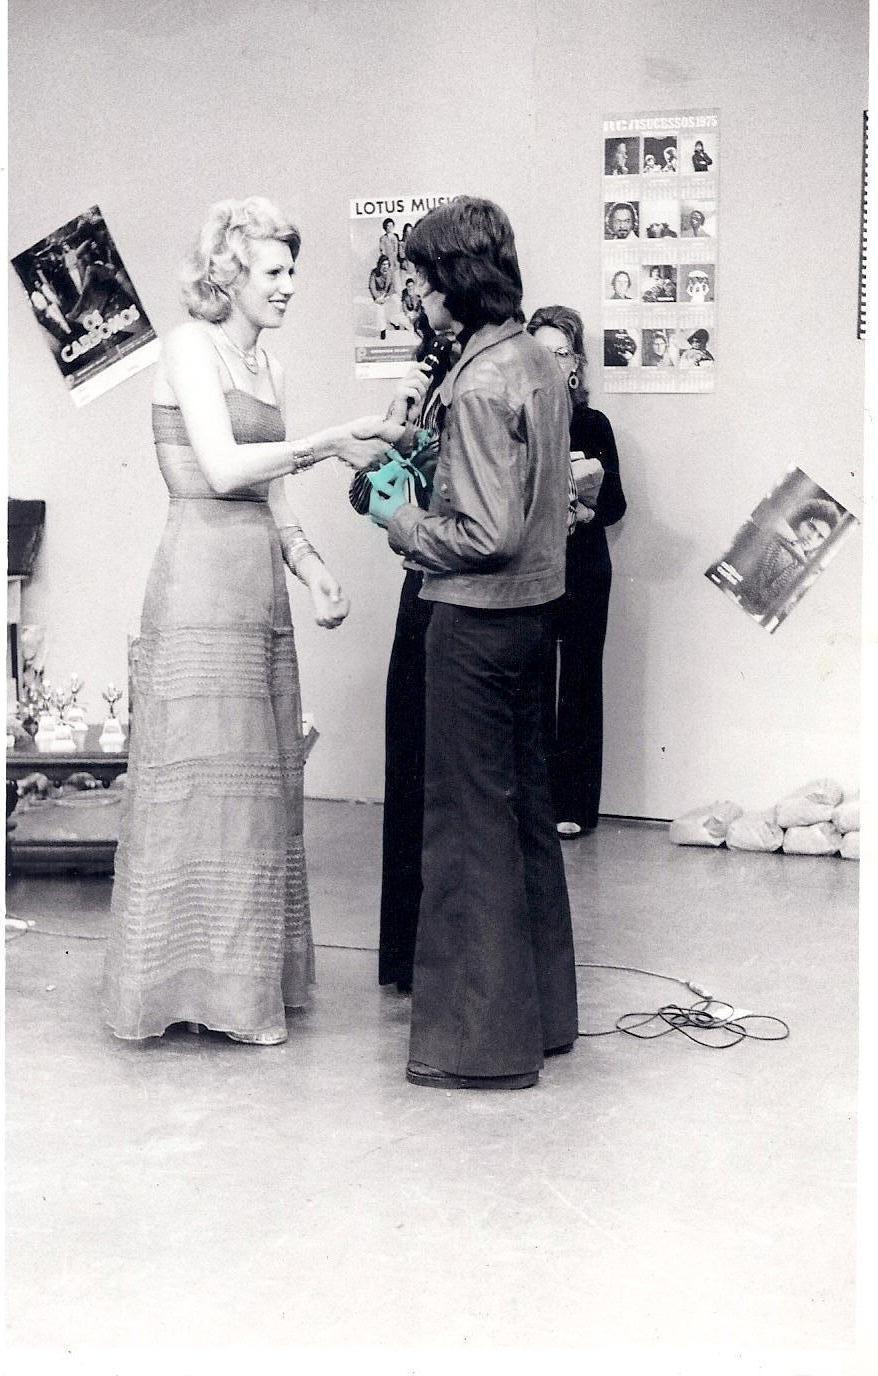 Recebe Troféu: Melhor do Rádio 1974 – Programa Mário Celso – Canal 6